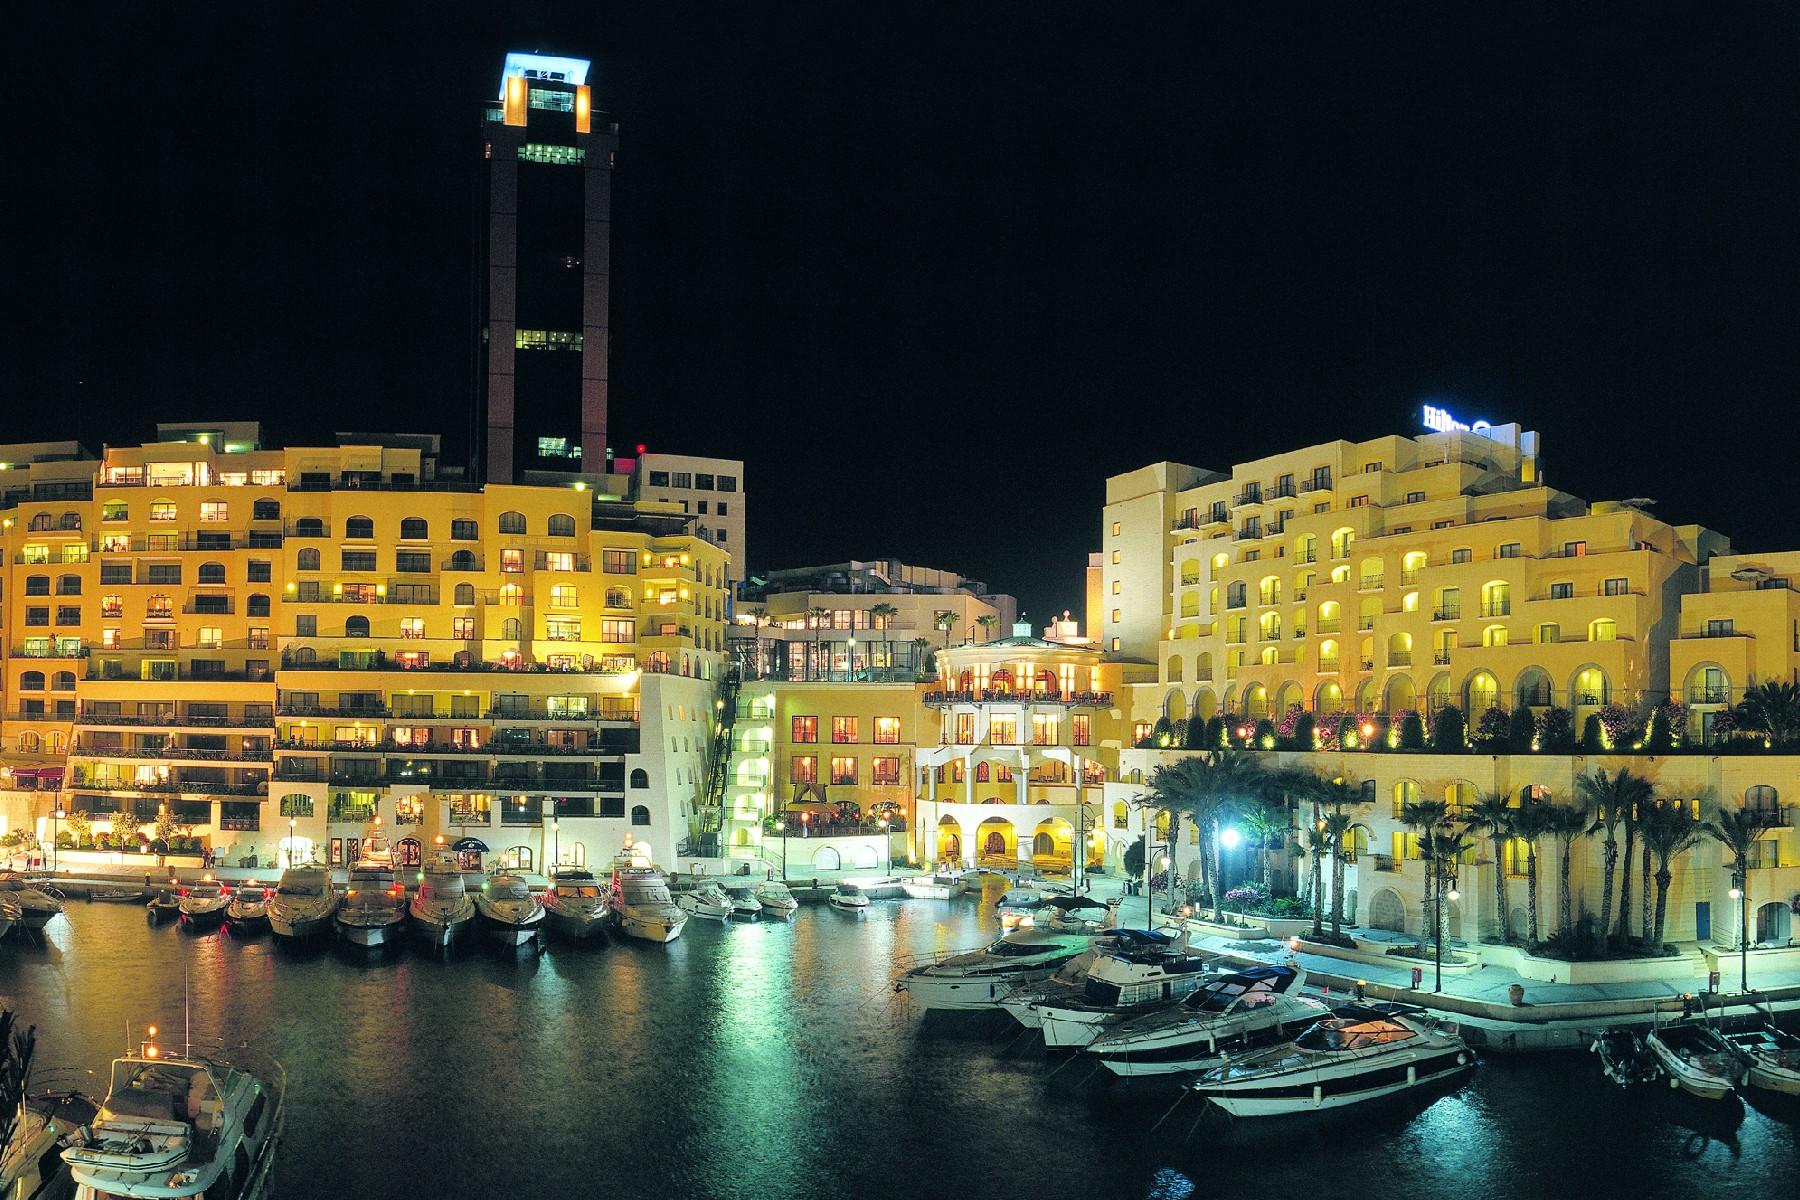 Malta property in Sliema Valletta, Portomaso